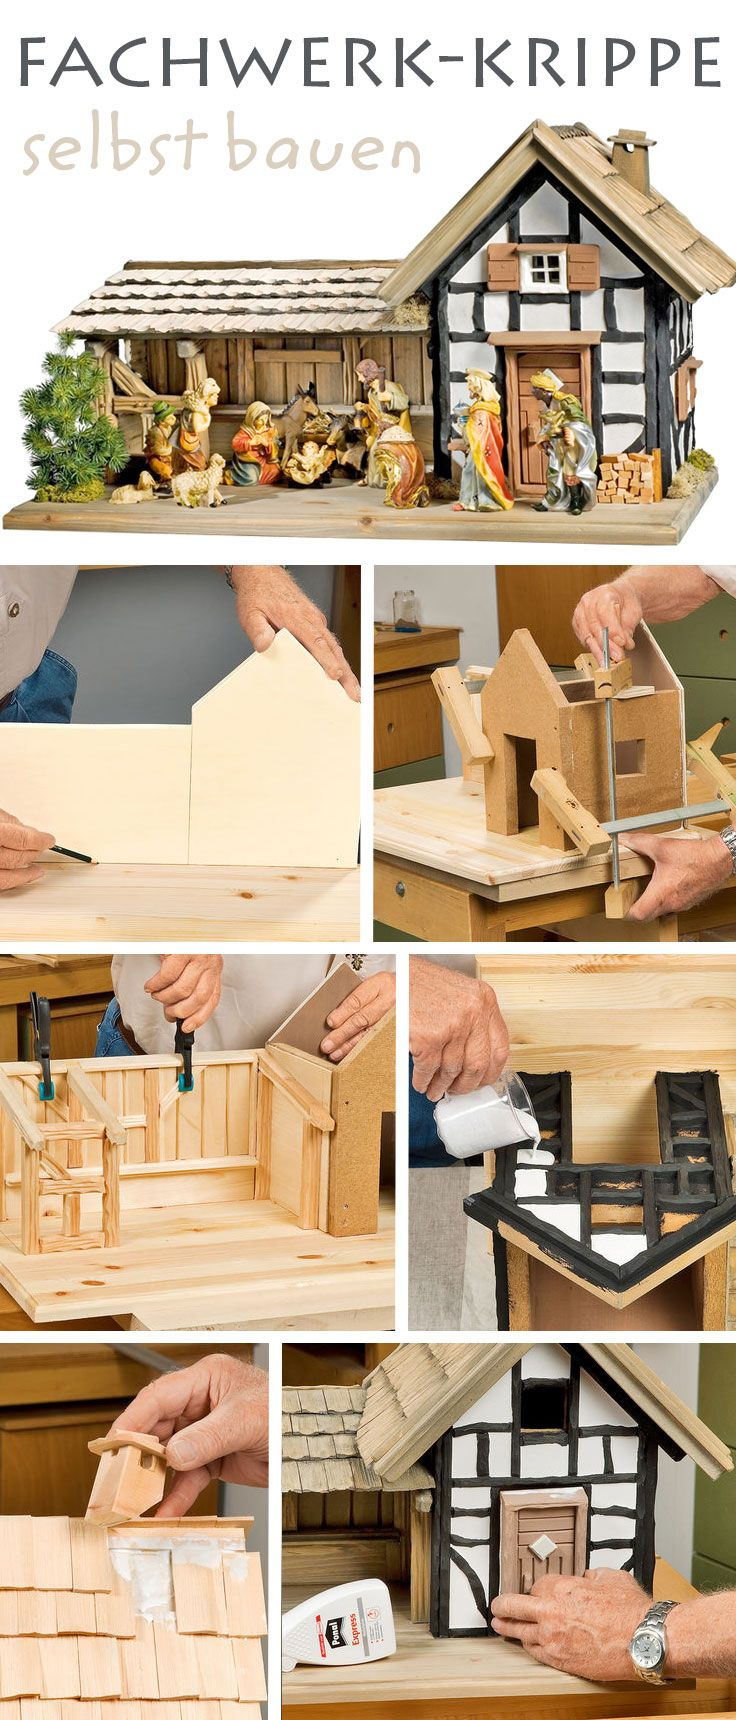 bauplan: fachwerkkrippe | fachwerk, selbst bauen und weihnachten